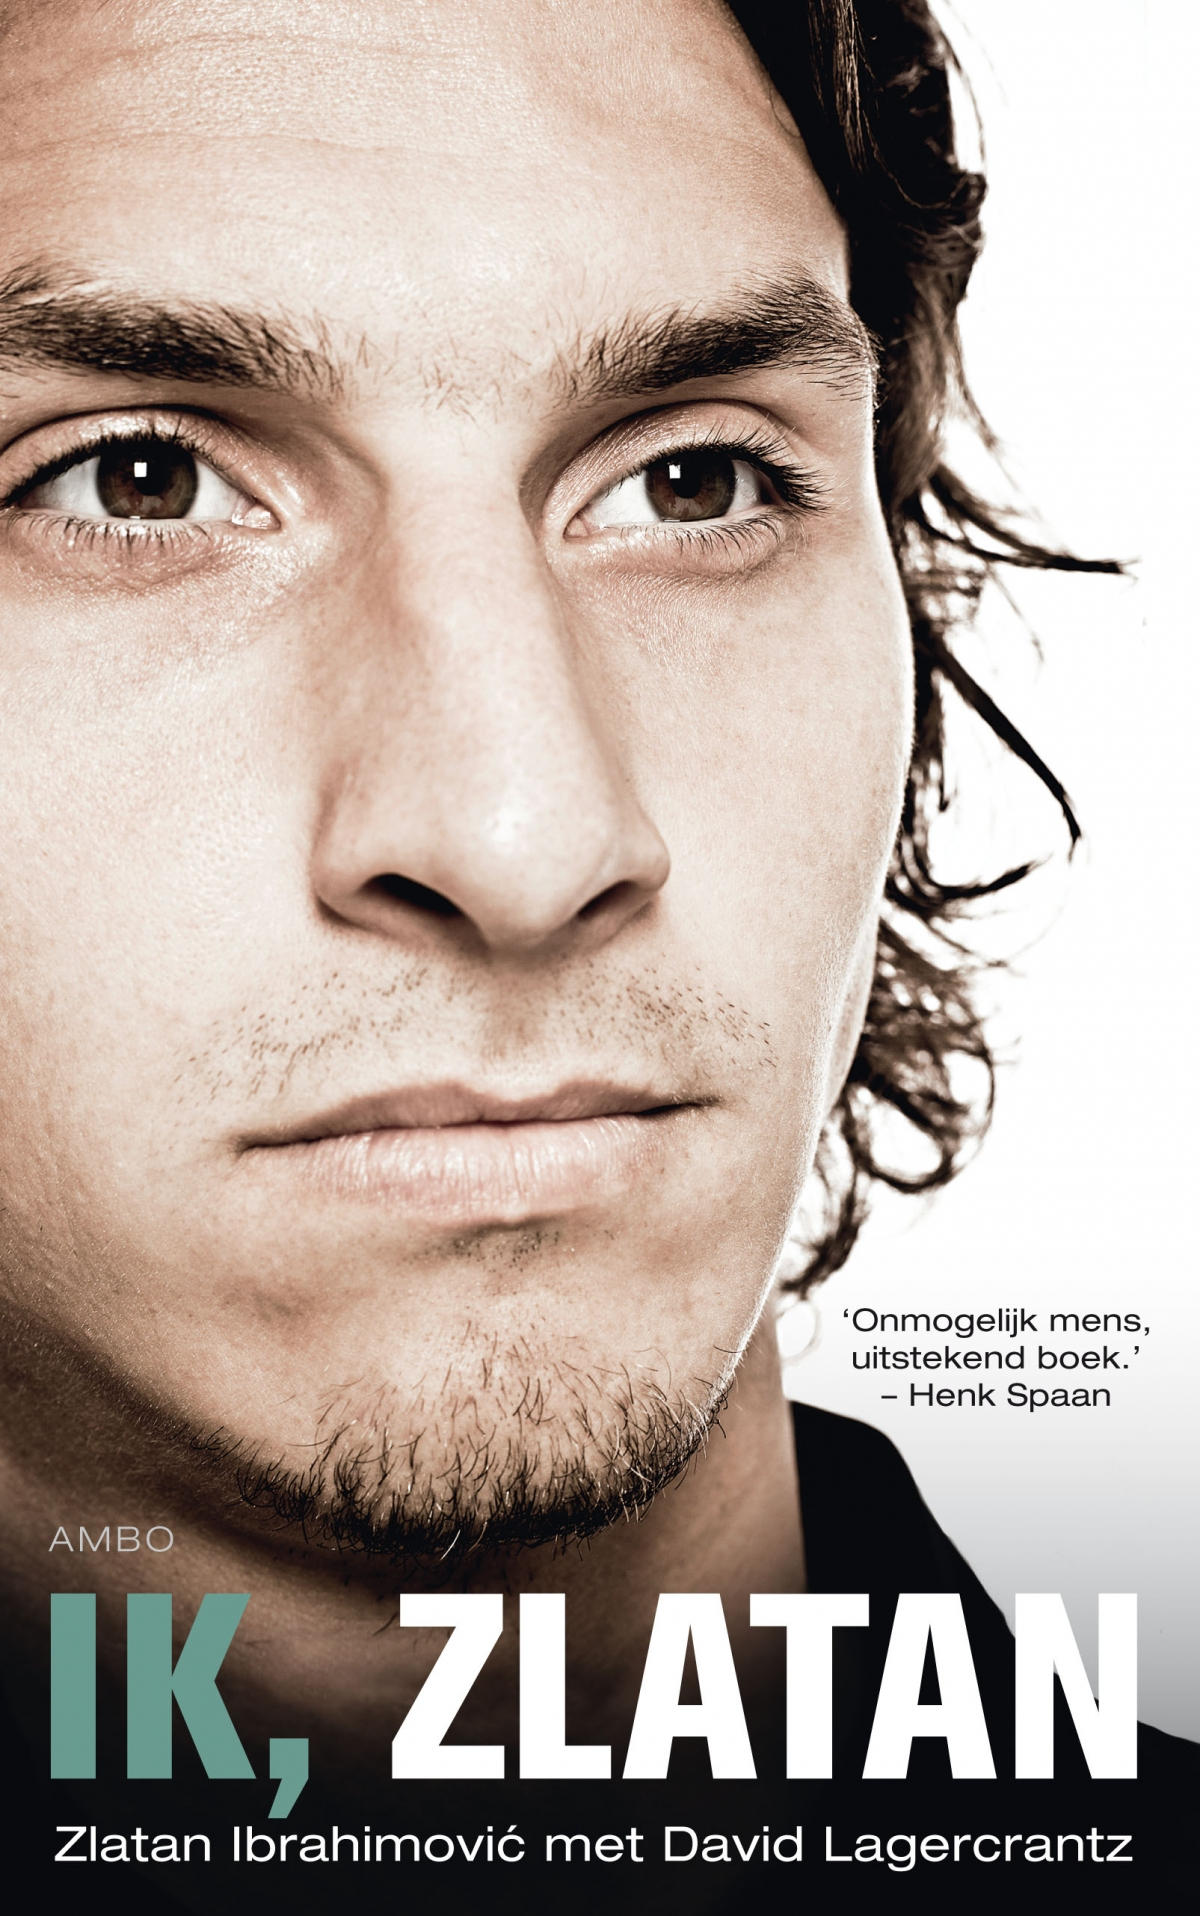 Ik, Zlatan – Zlatan Ibrahimovic